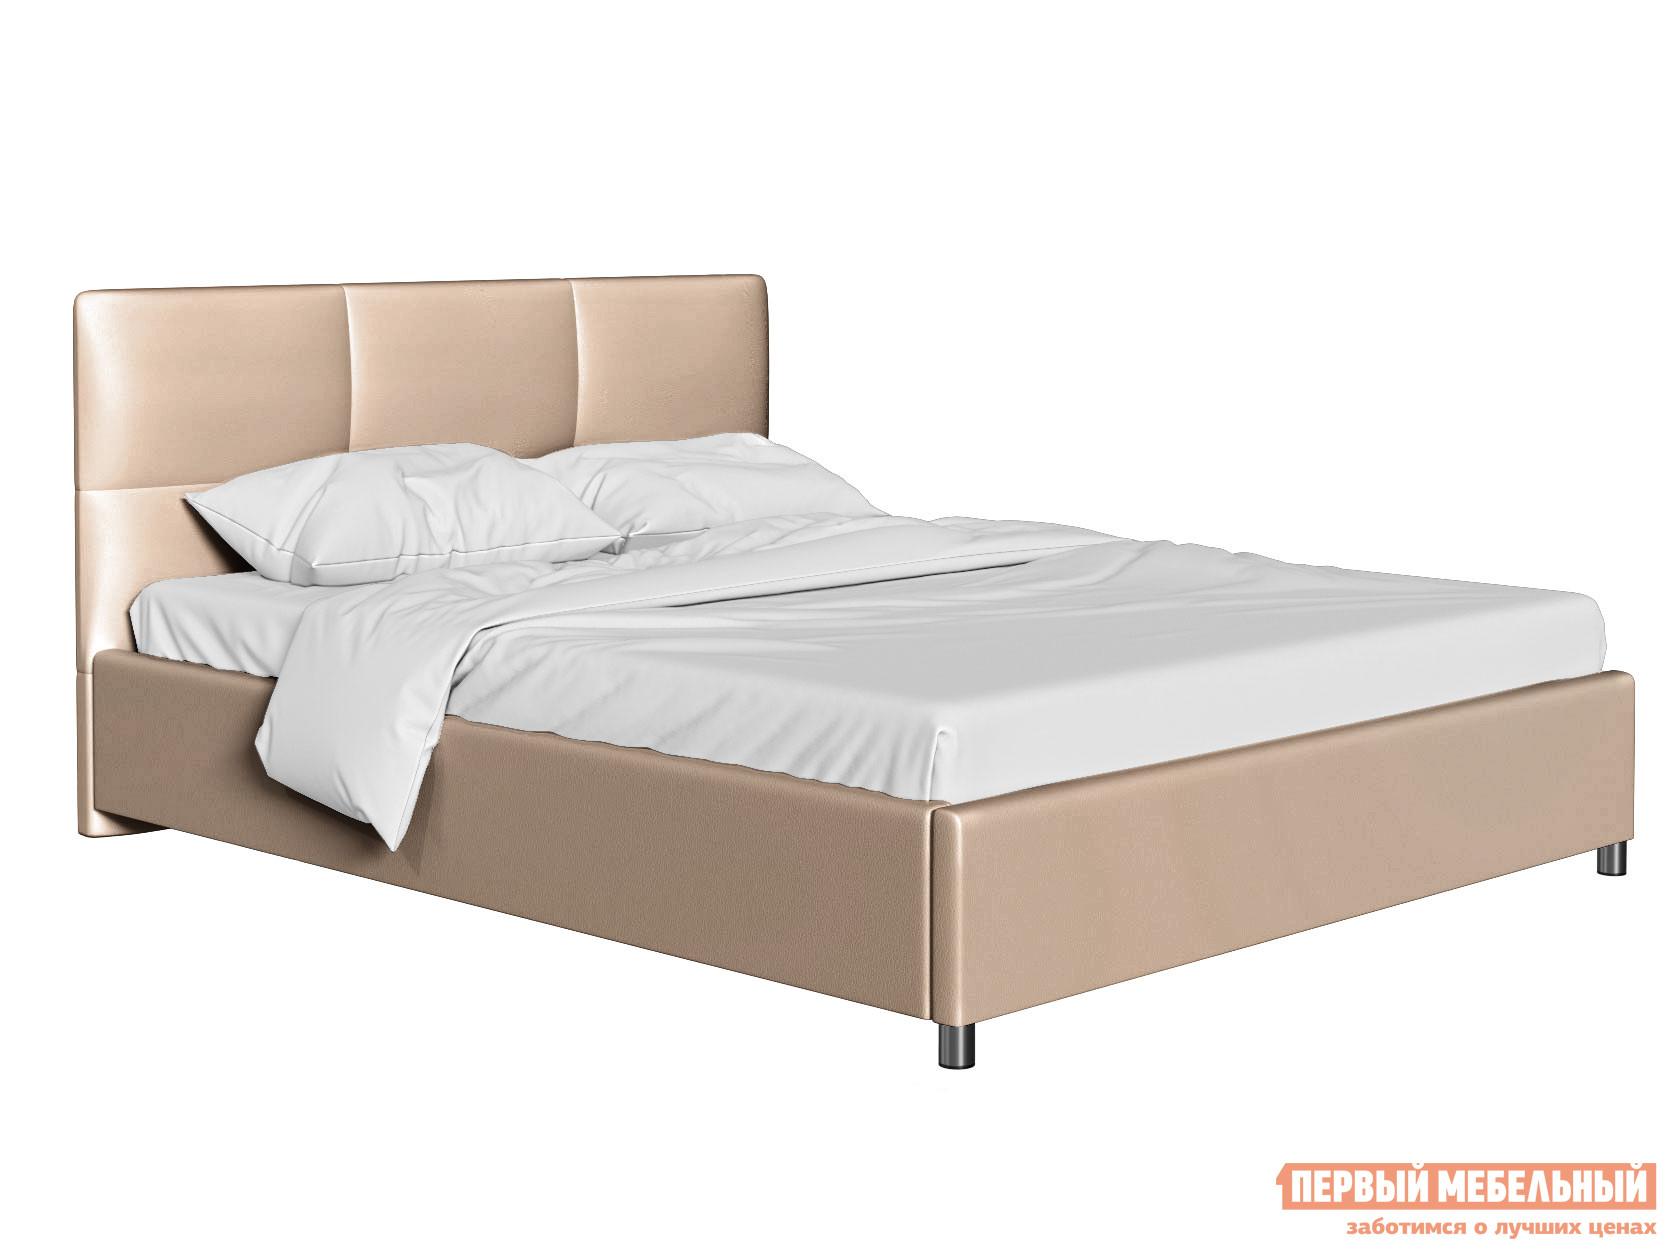 Двуспальная кровать Кровать с мягким изголовьем Агата Латте, экокожа, 140х200 см фото